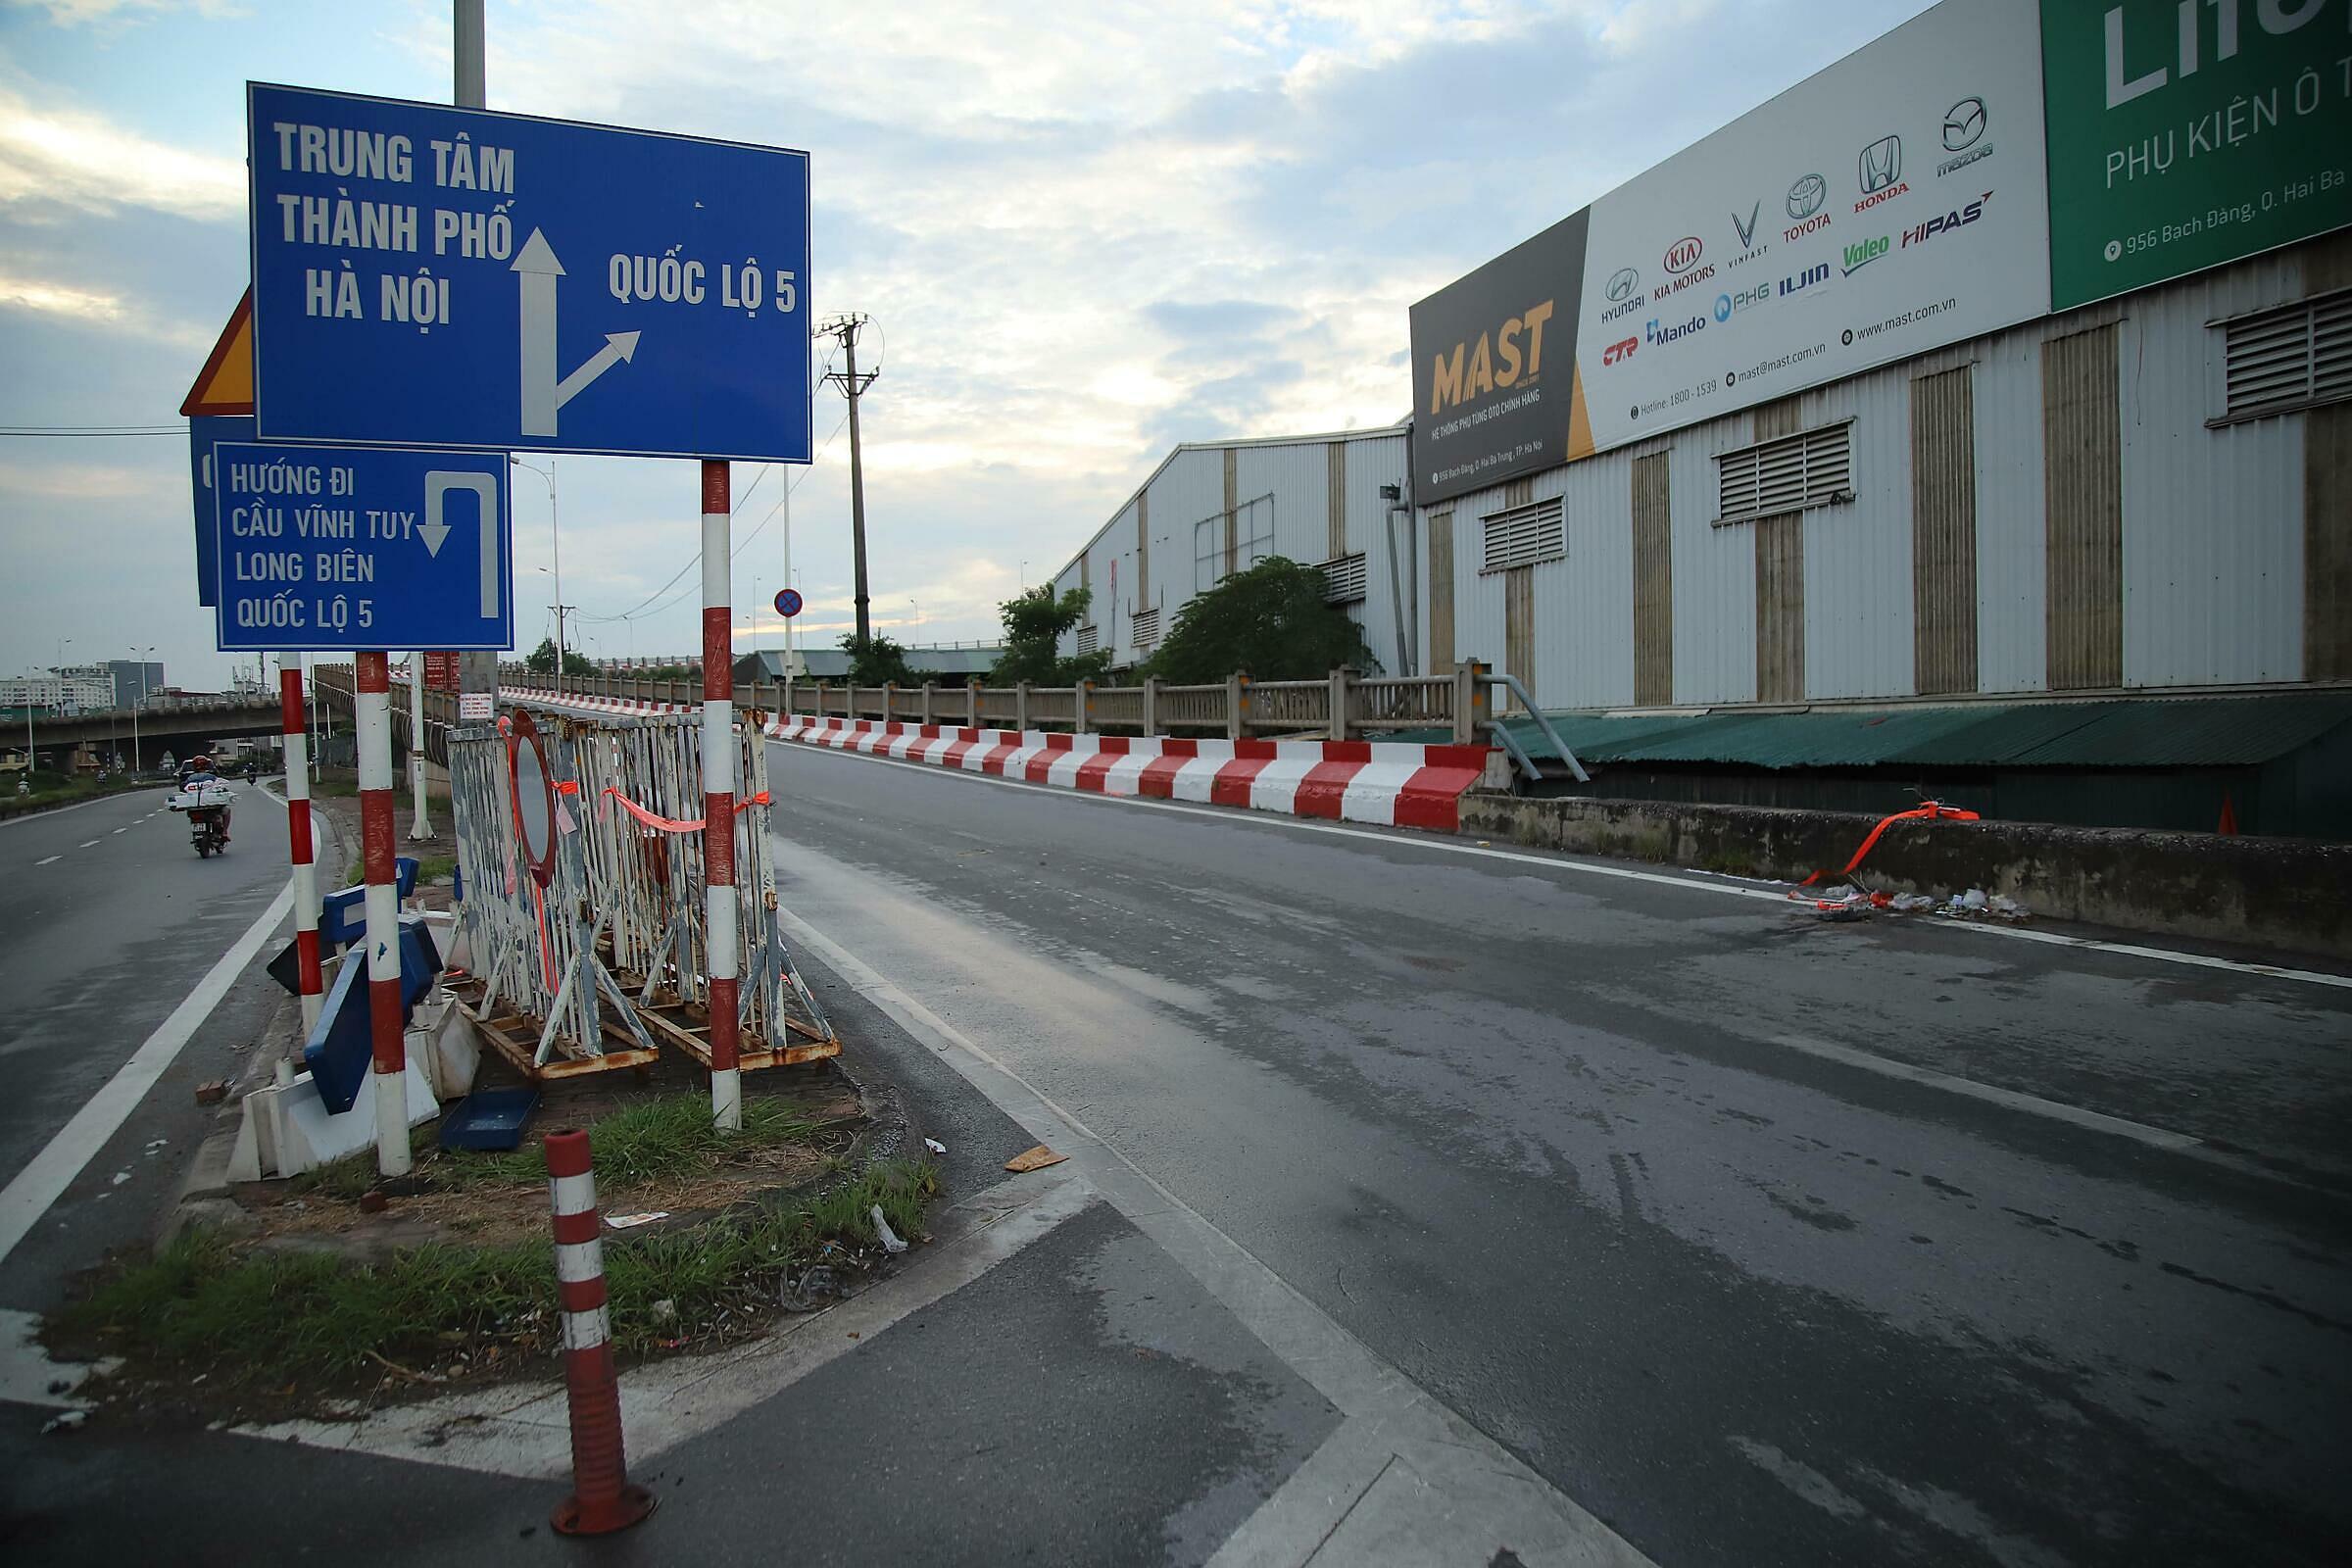 Chốt kiểm soát qua cầu Vĩnh Tuy vào TP Hà Nội được dỡ bỏ, chiều 16/9. Ảnh: Phạm Chiểu